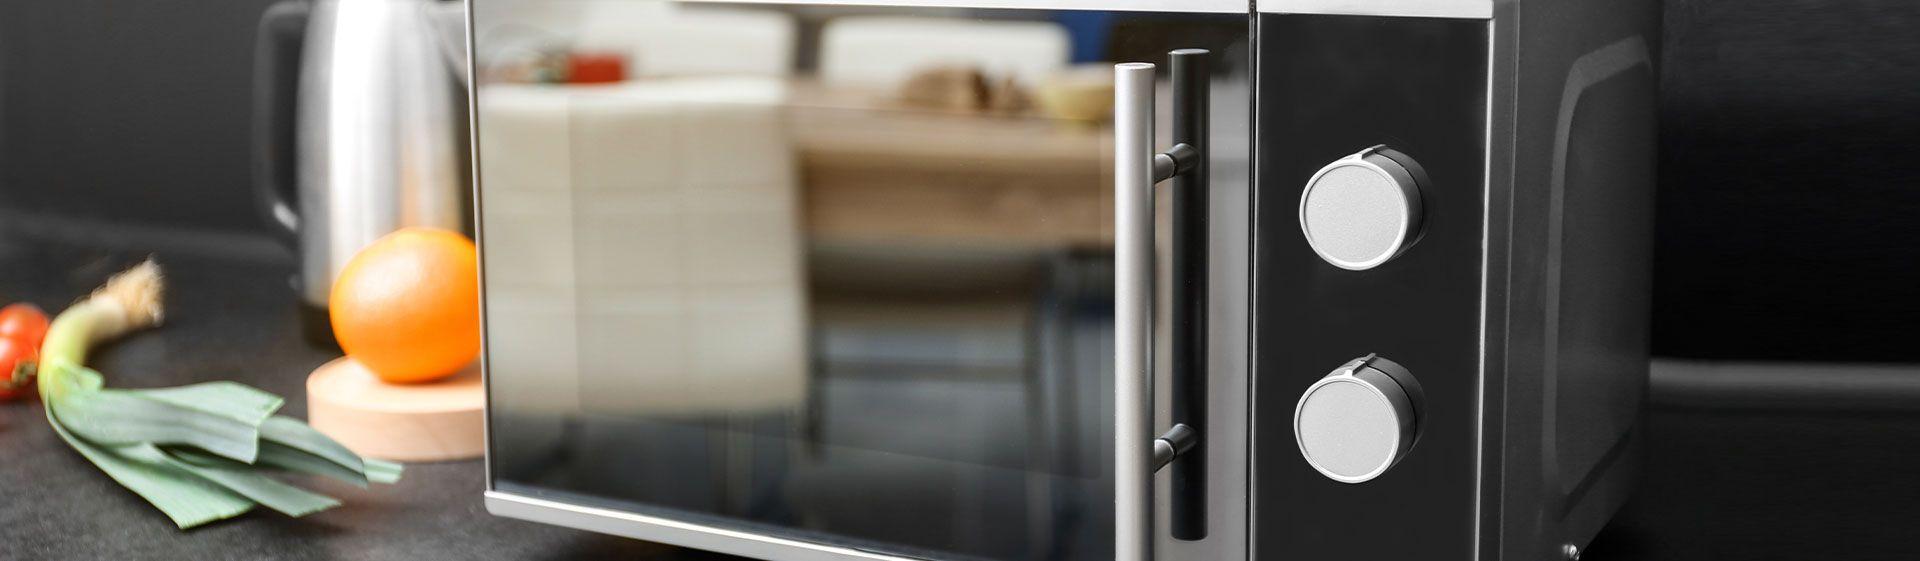 Micro-ondas espelhado: as melhores opções para comprar